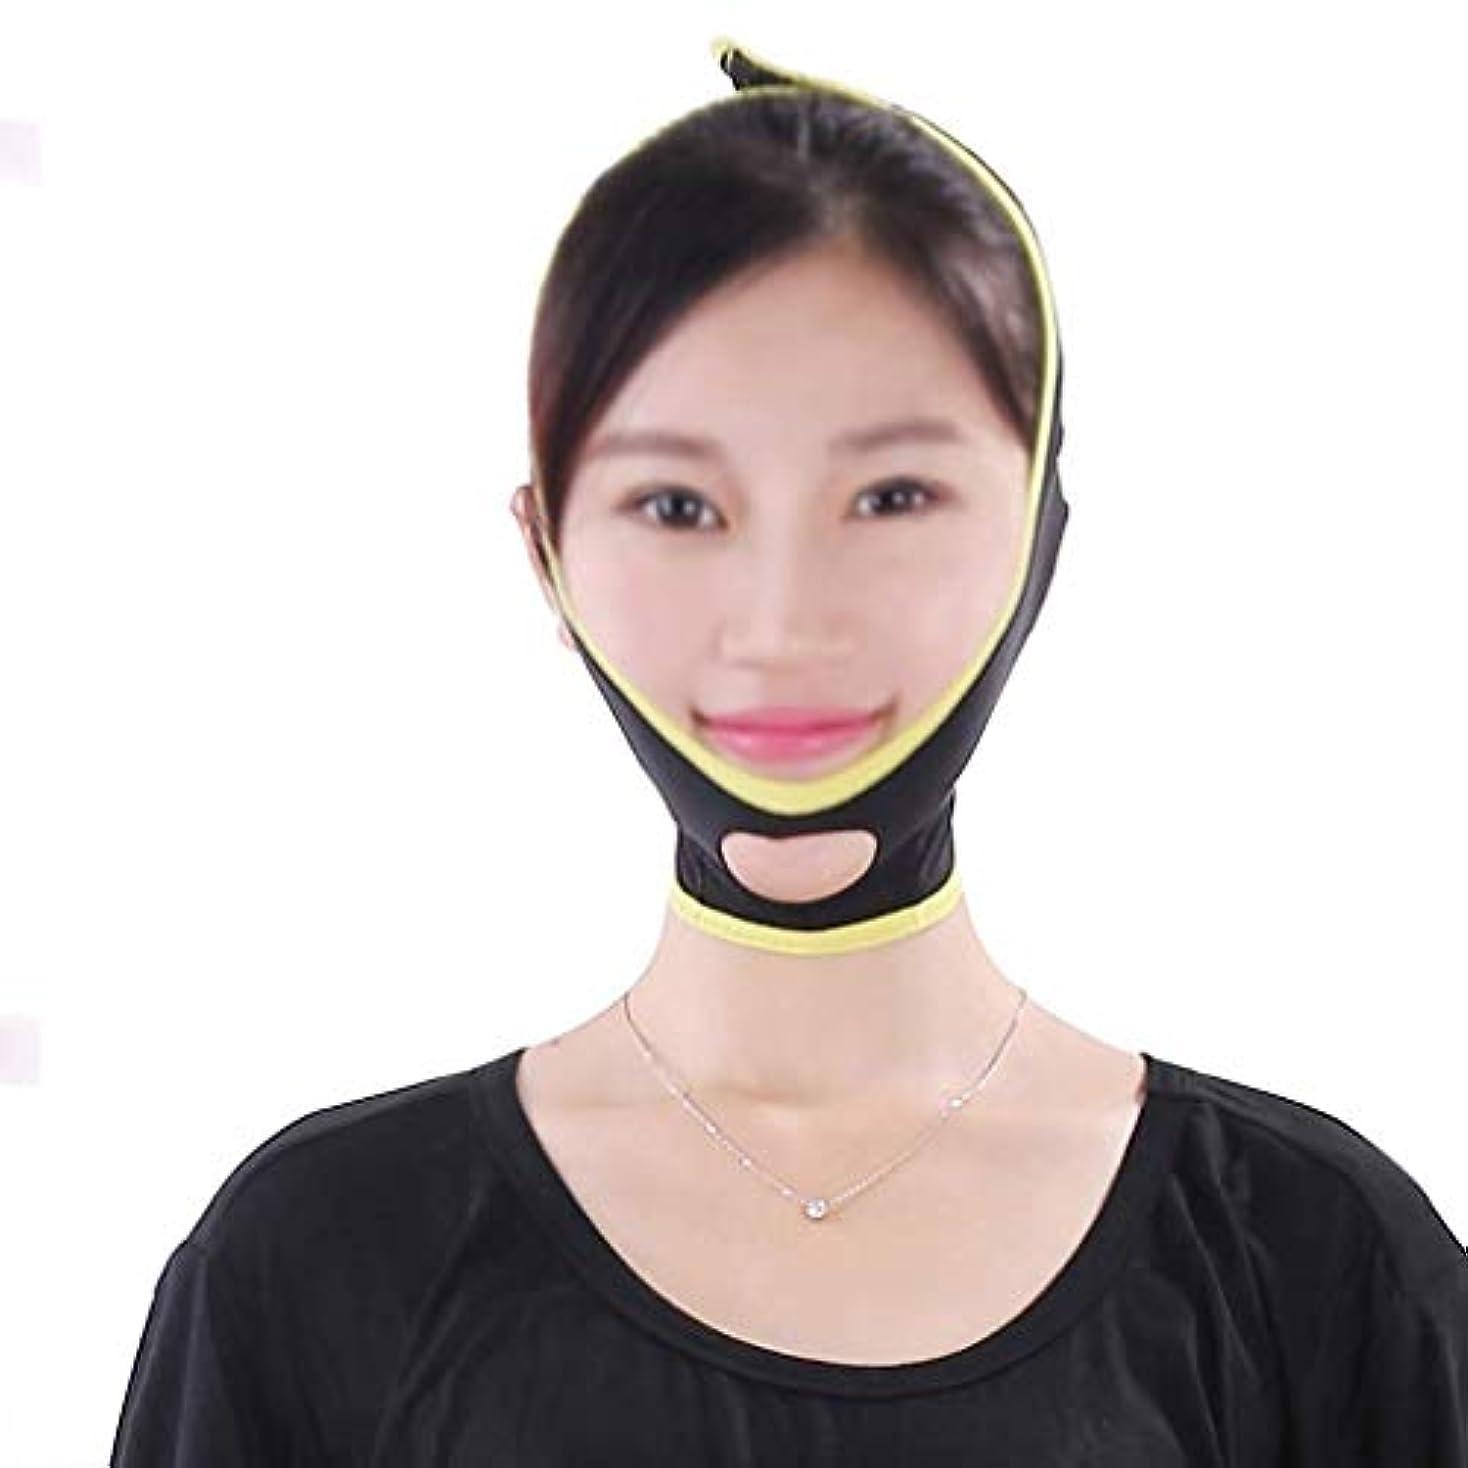 オフセットシャーク到着顔のマスク、男性と女性の顔を持ち上げるアーティファクト包帯美容リフティングファーミングサイズVフェイスダブルチンスリープマスク埋め込みシルクカービングスリミングベルト(サイズ:L)